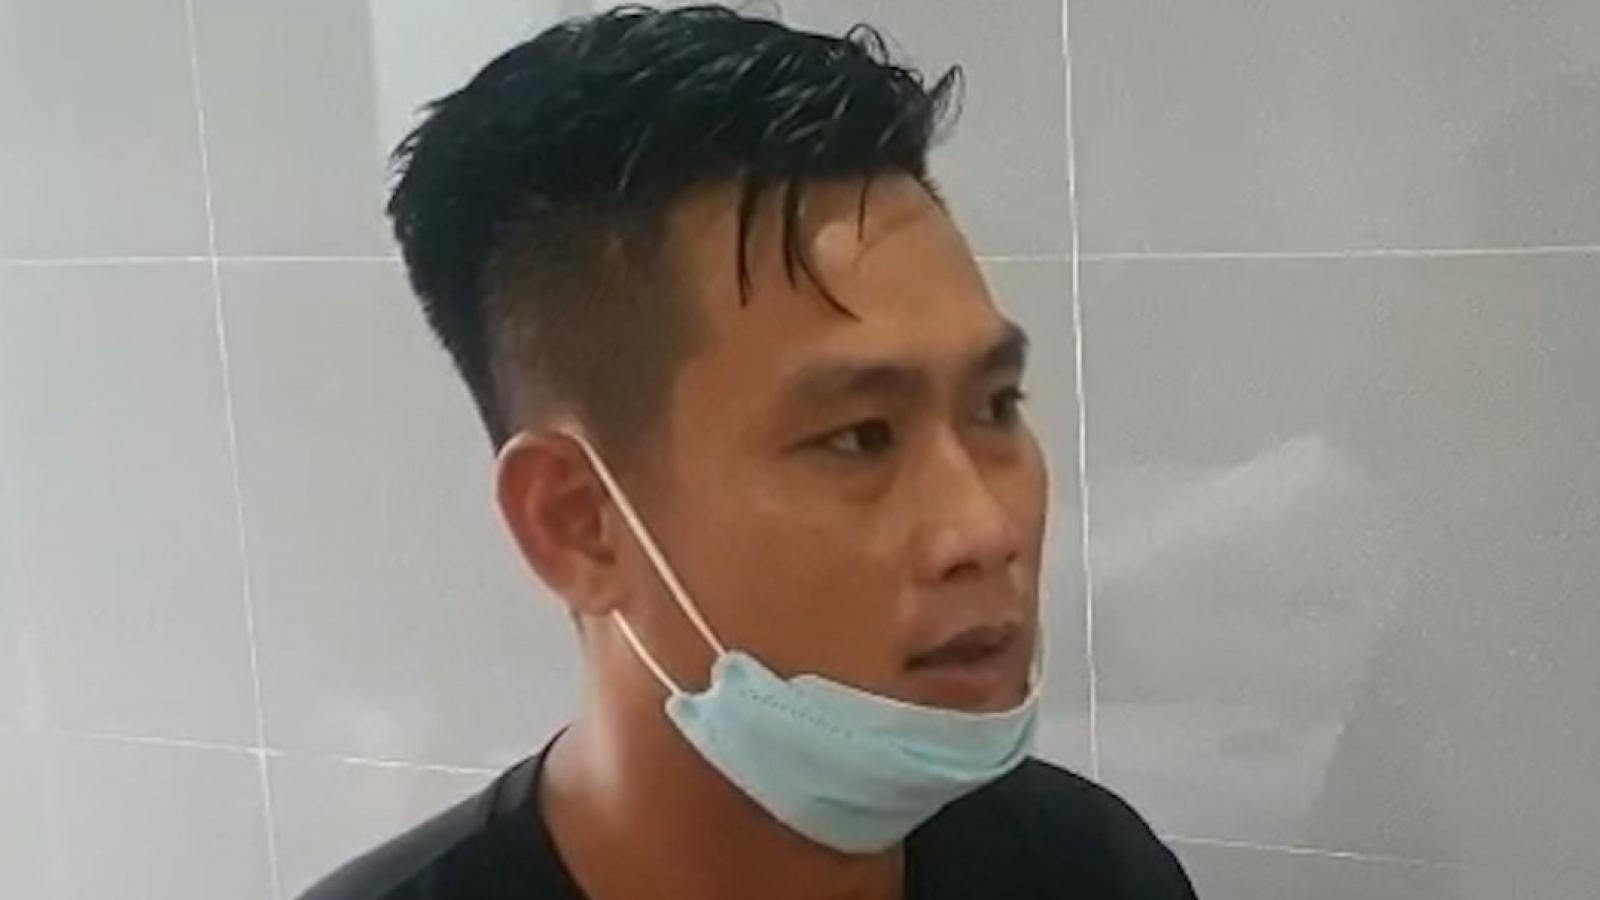 Đánh người gây thương tích, bỏ trốn sau 2 năm thì bị bắt